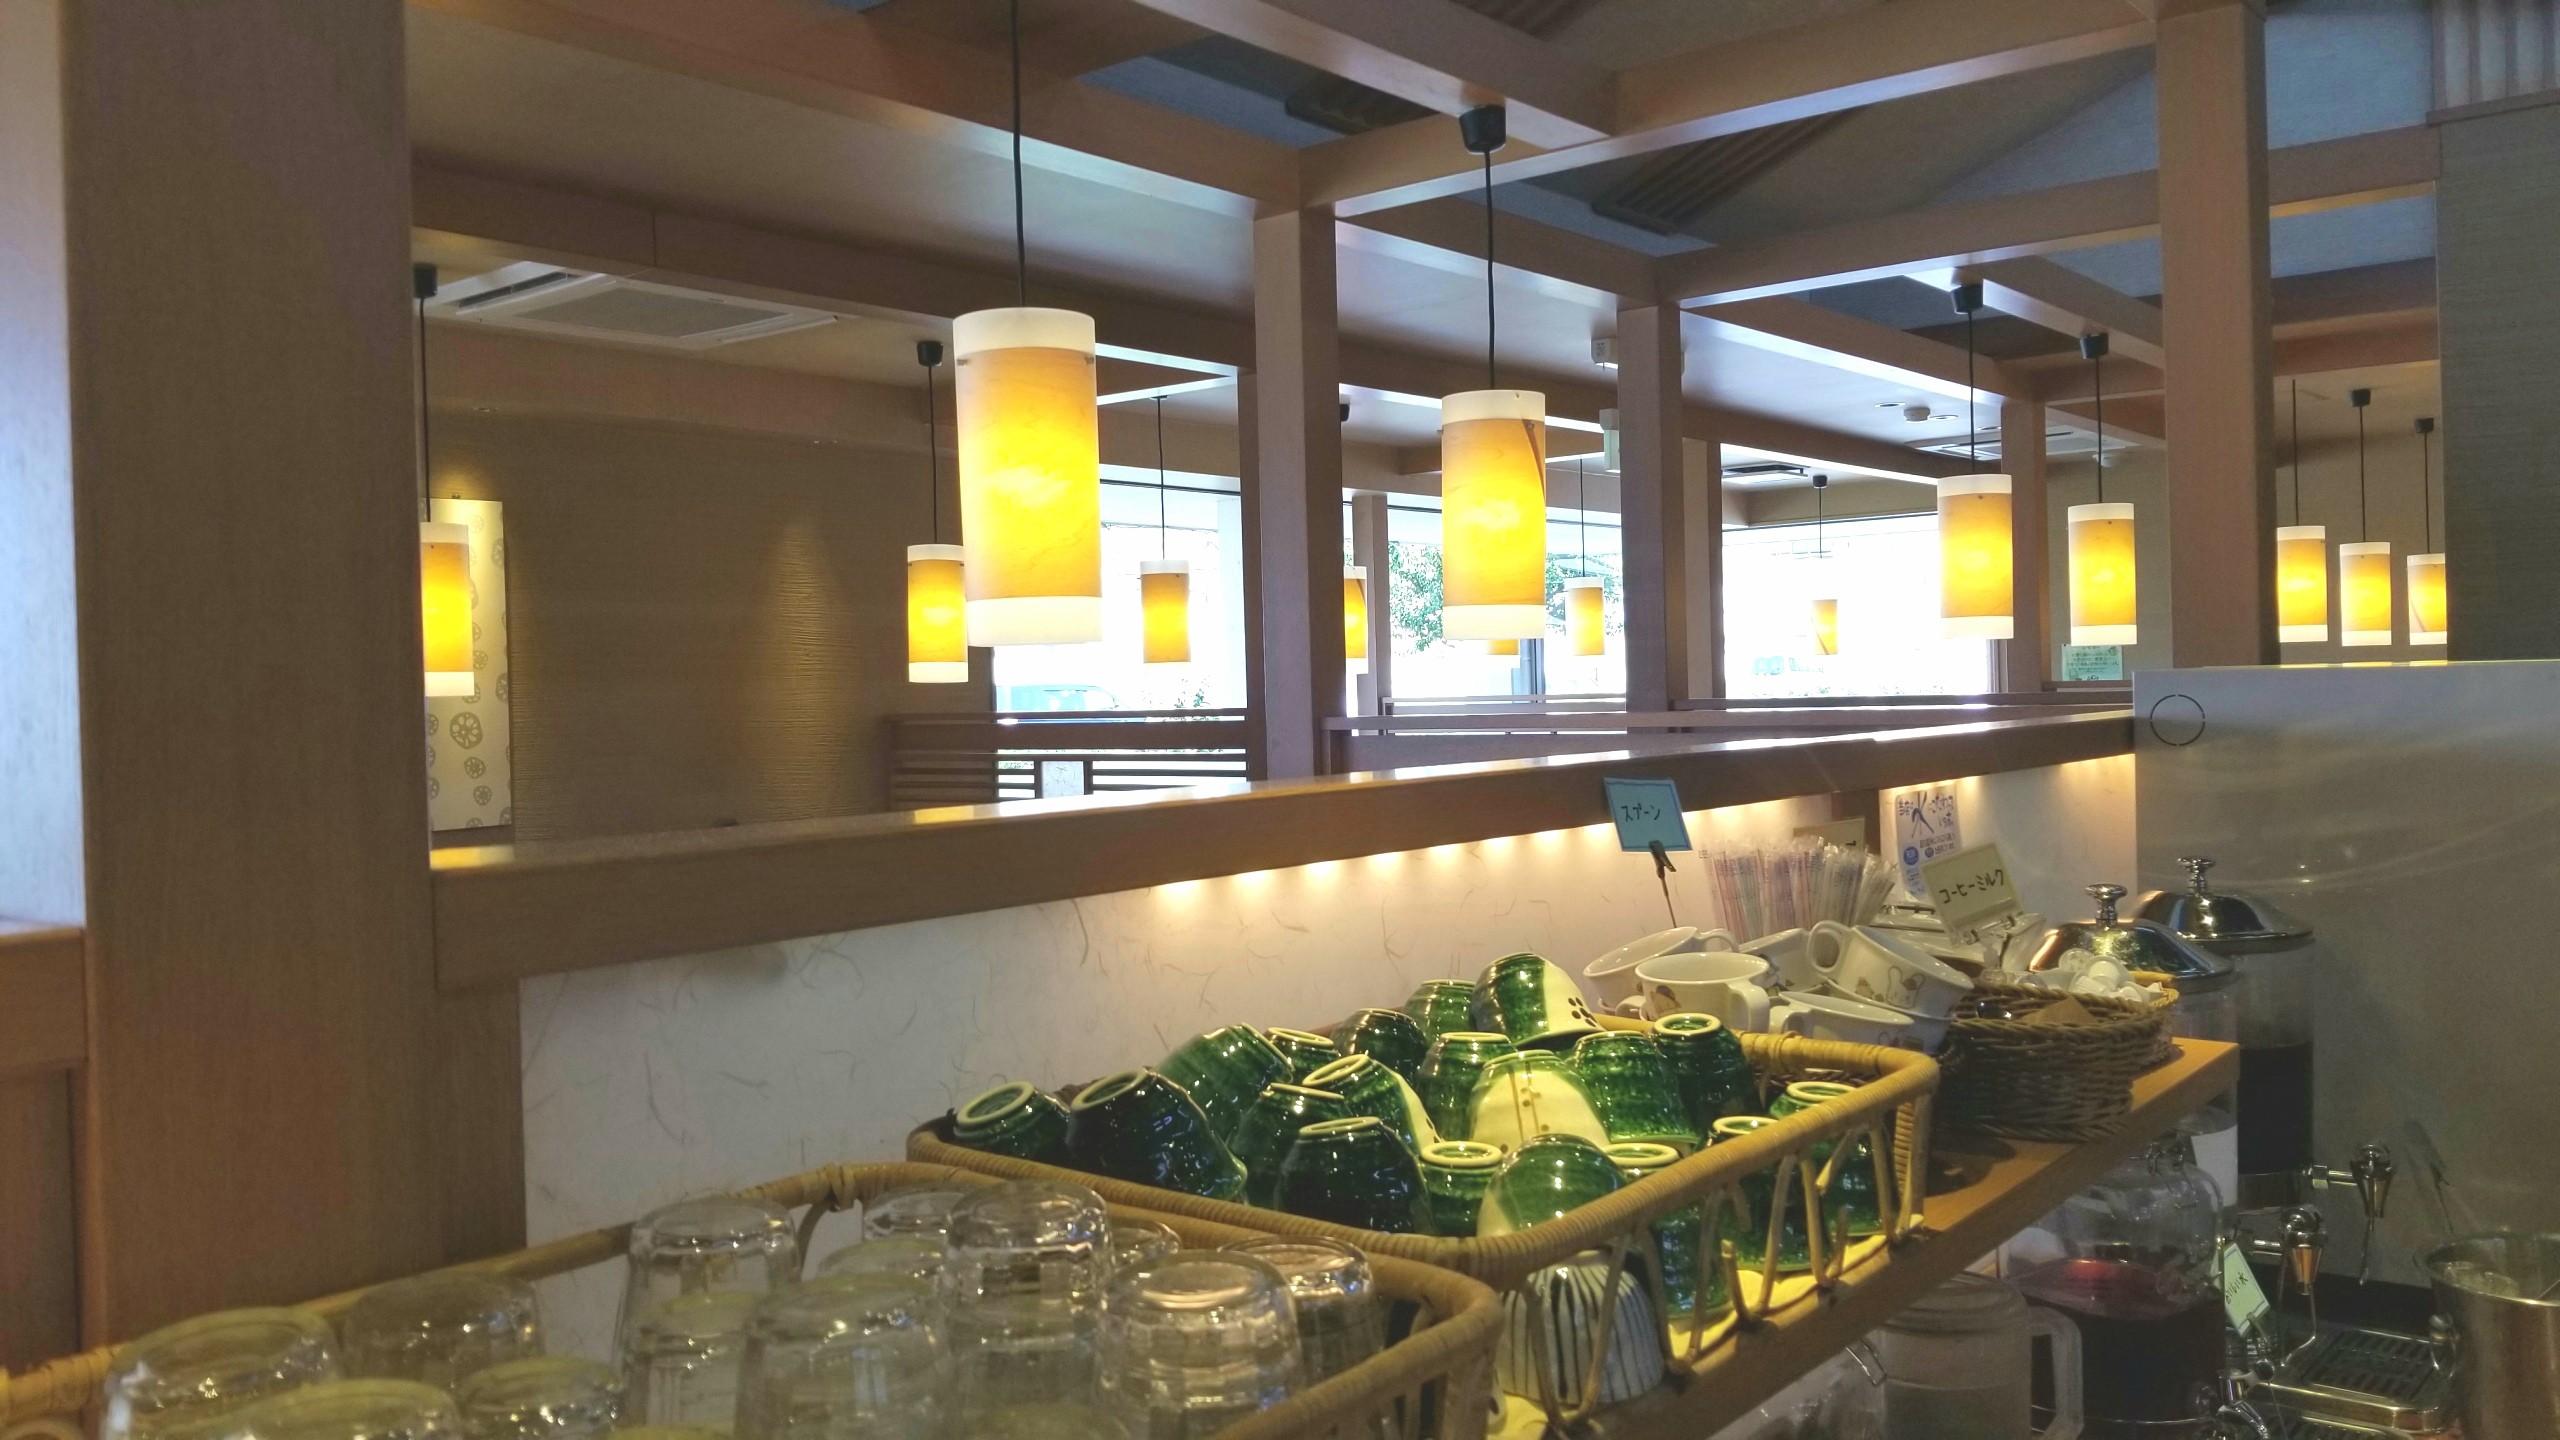 バイキング食べ放題朝食ランチカロリーグルメ和食ダイエットコスパ